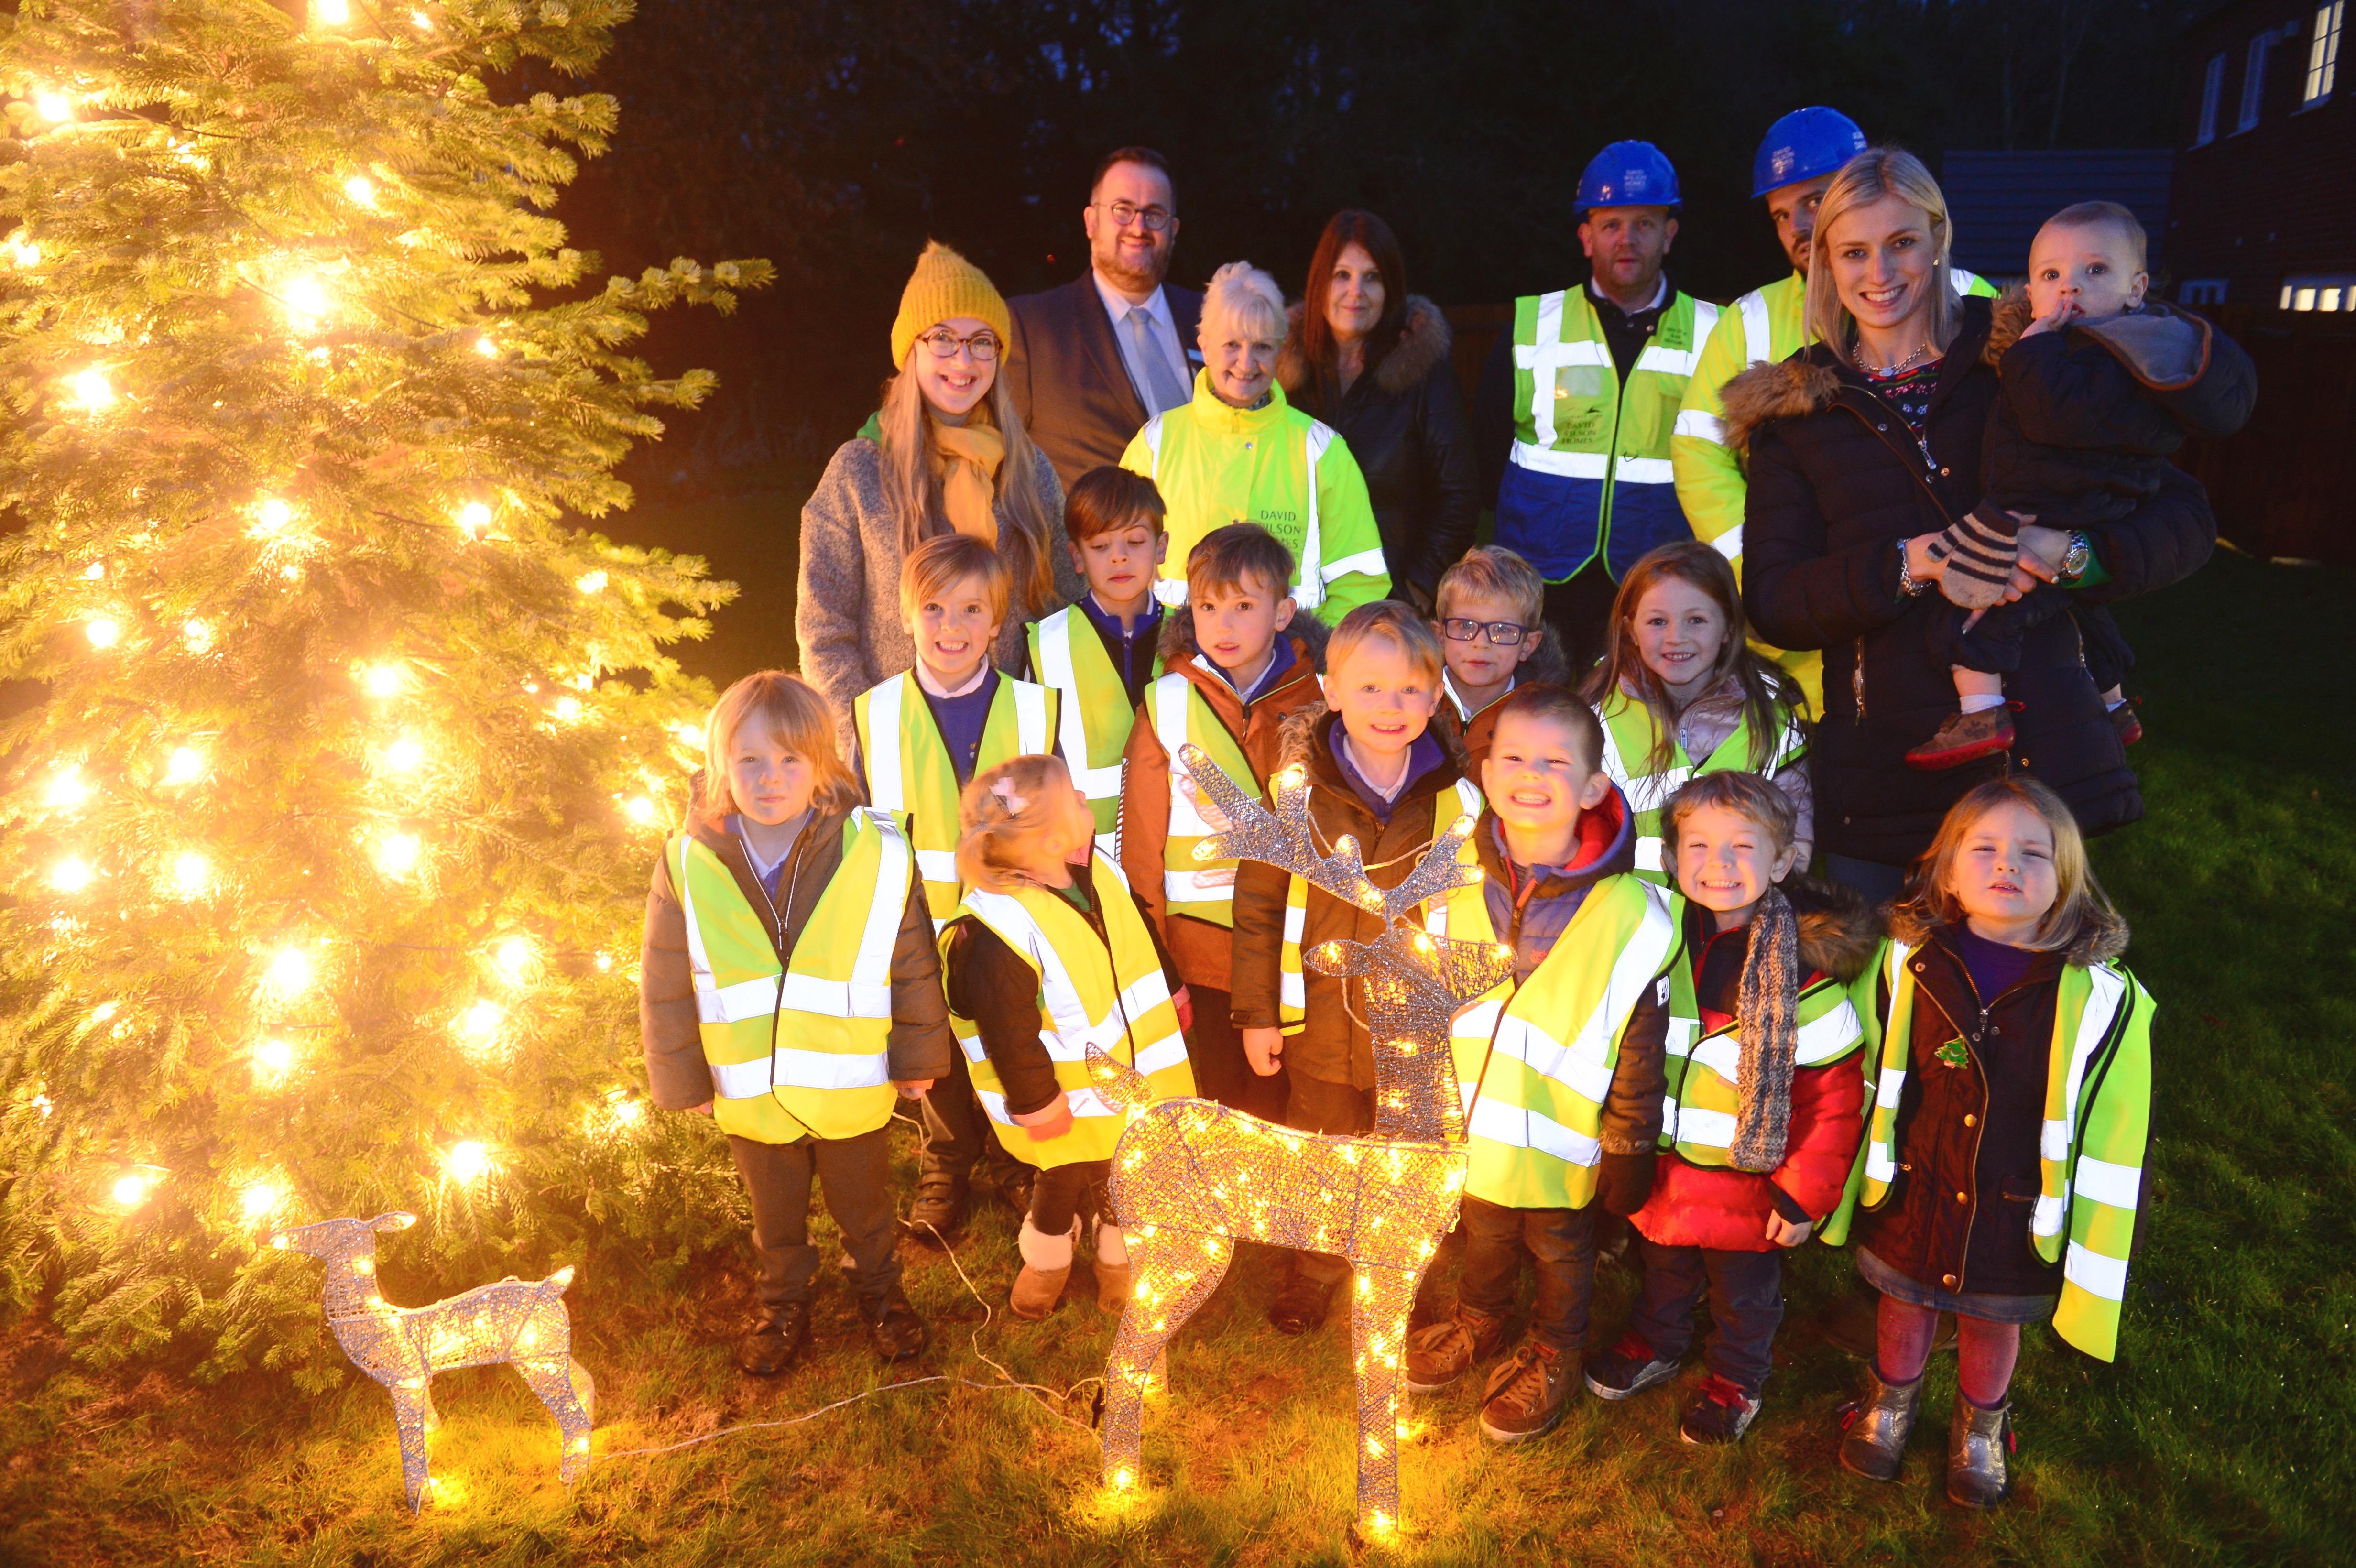 Derbyshire nursery children switch on lights at new development in Doveridge